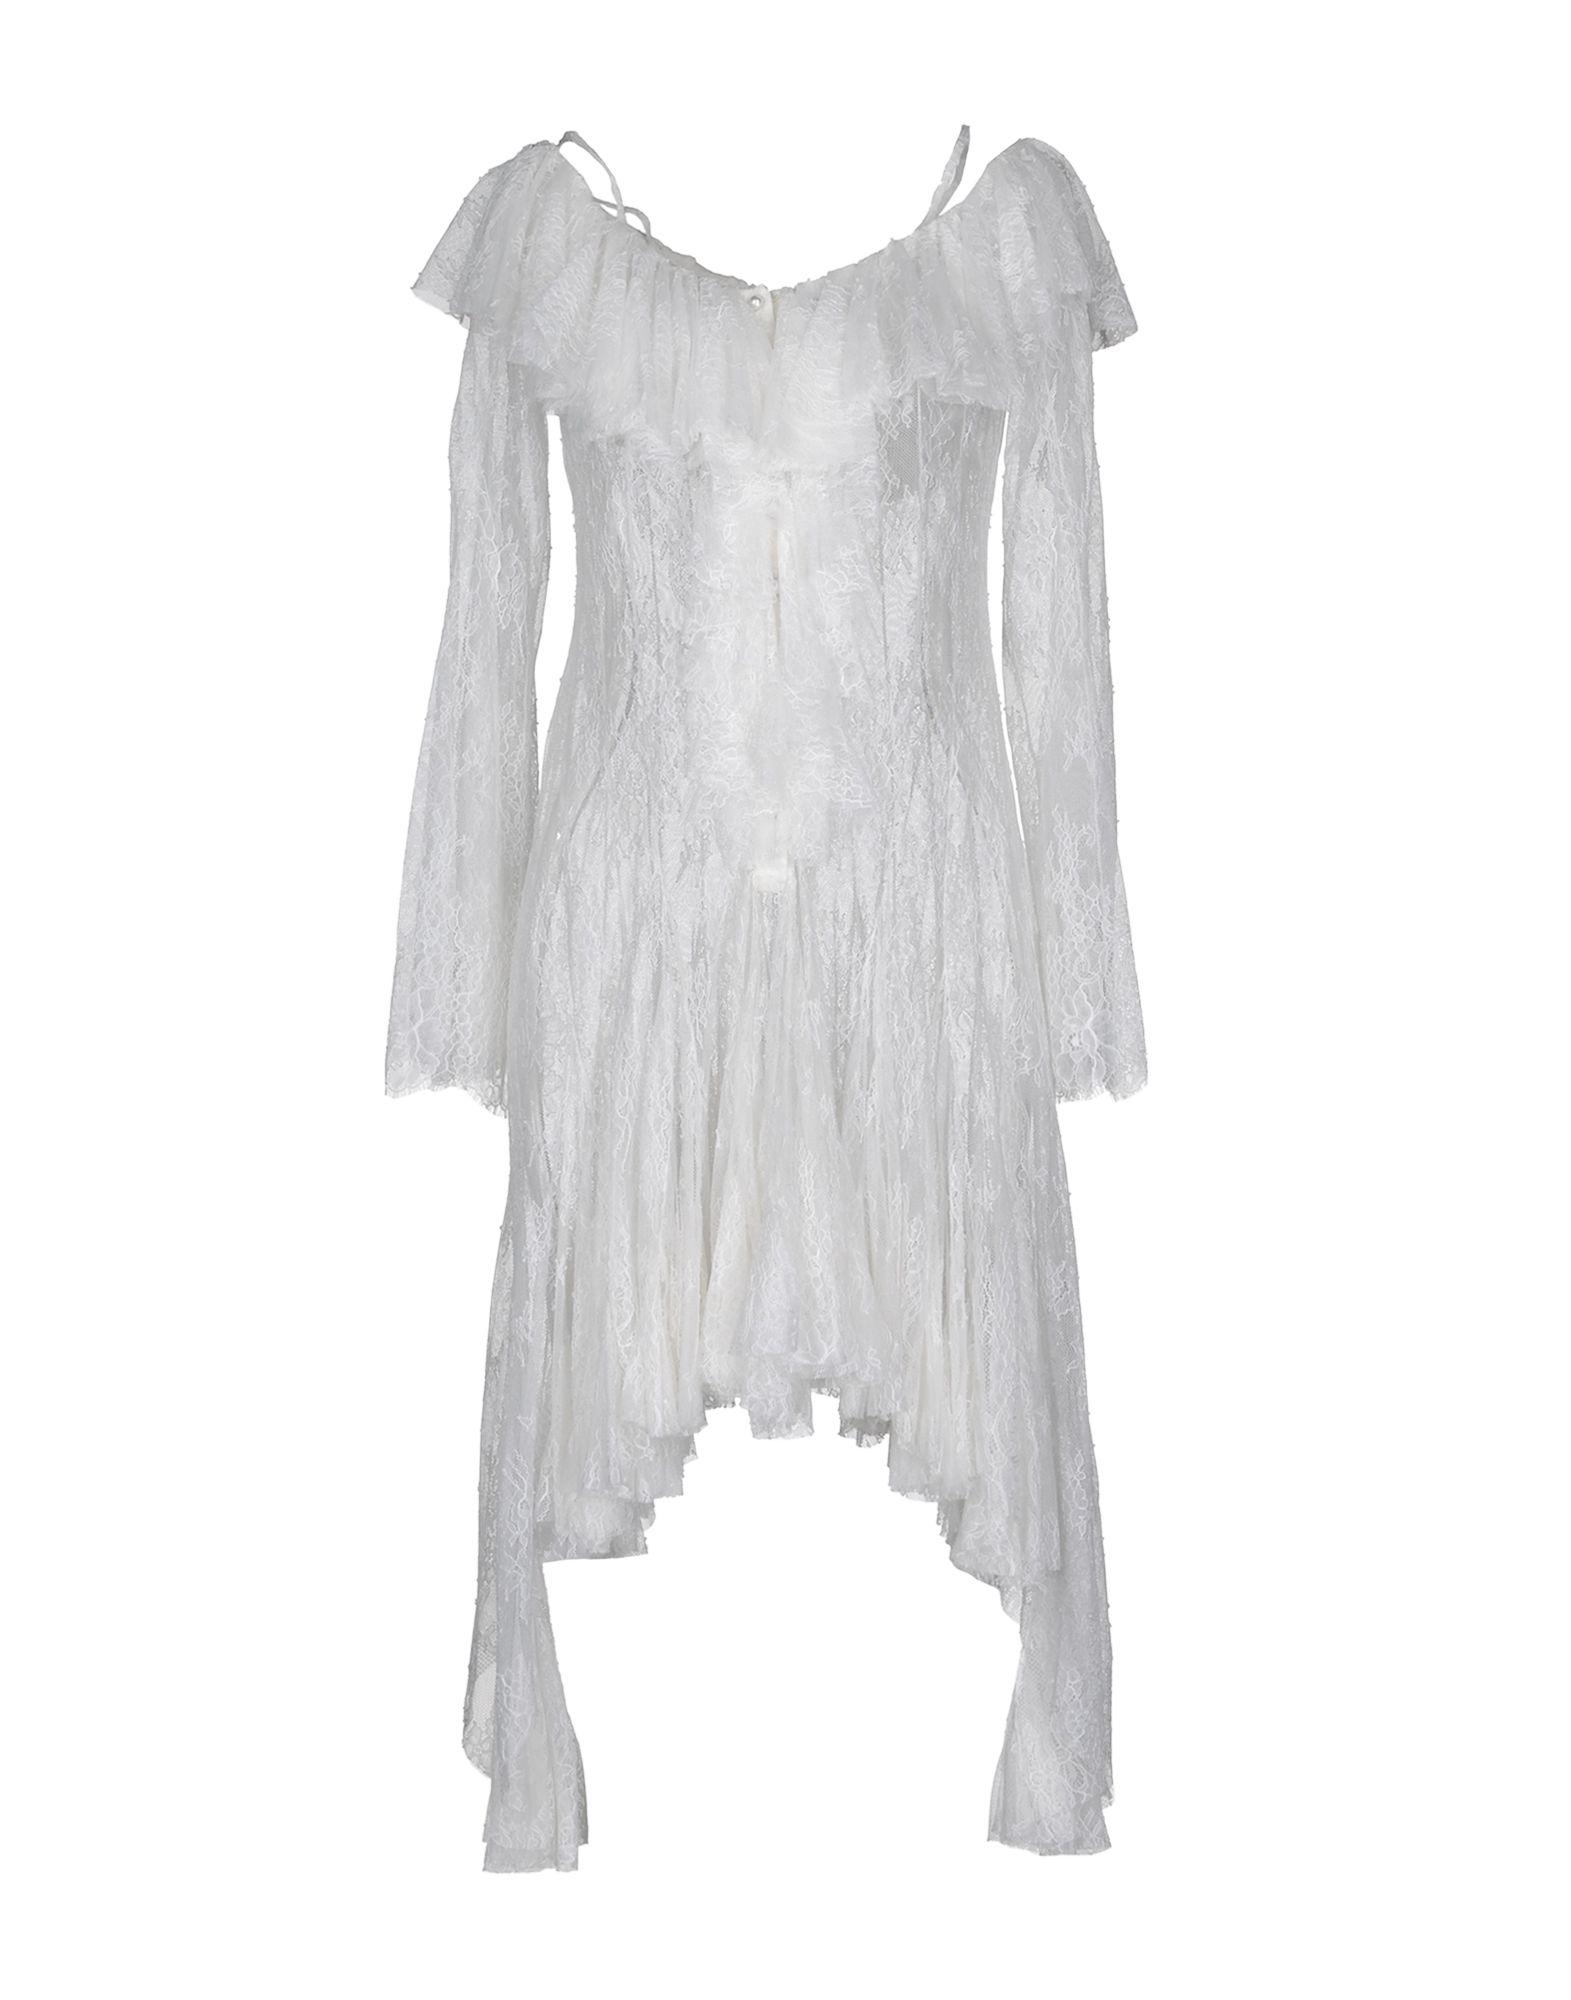 《送料無料》PHILOSOPHY di LORENZO SERAFINI レディース ミニワンピース&ドレス ホワイト 44 ナイロン 100%